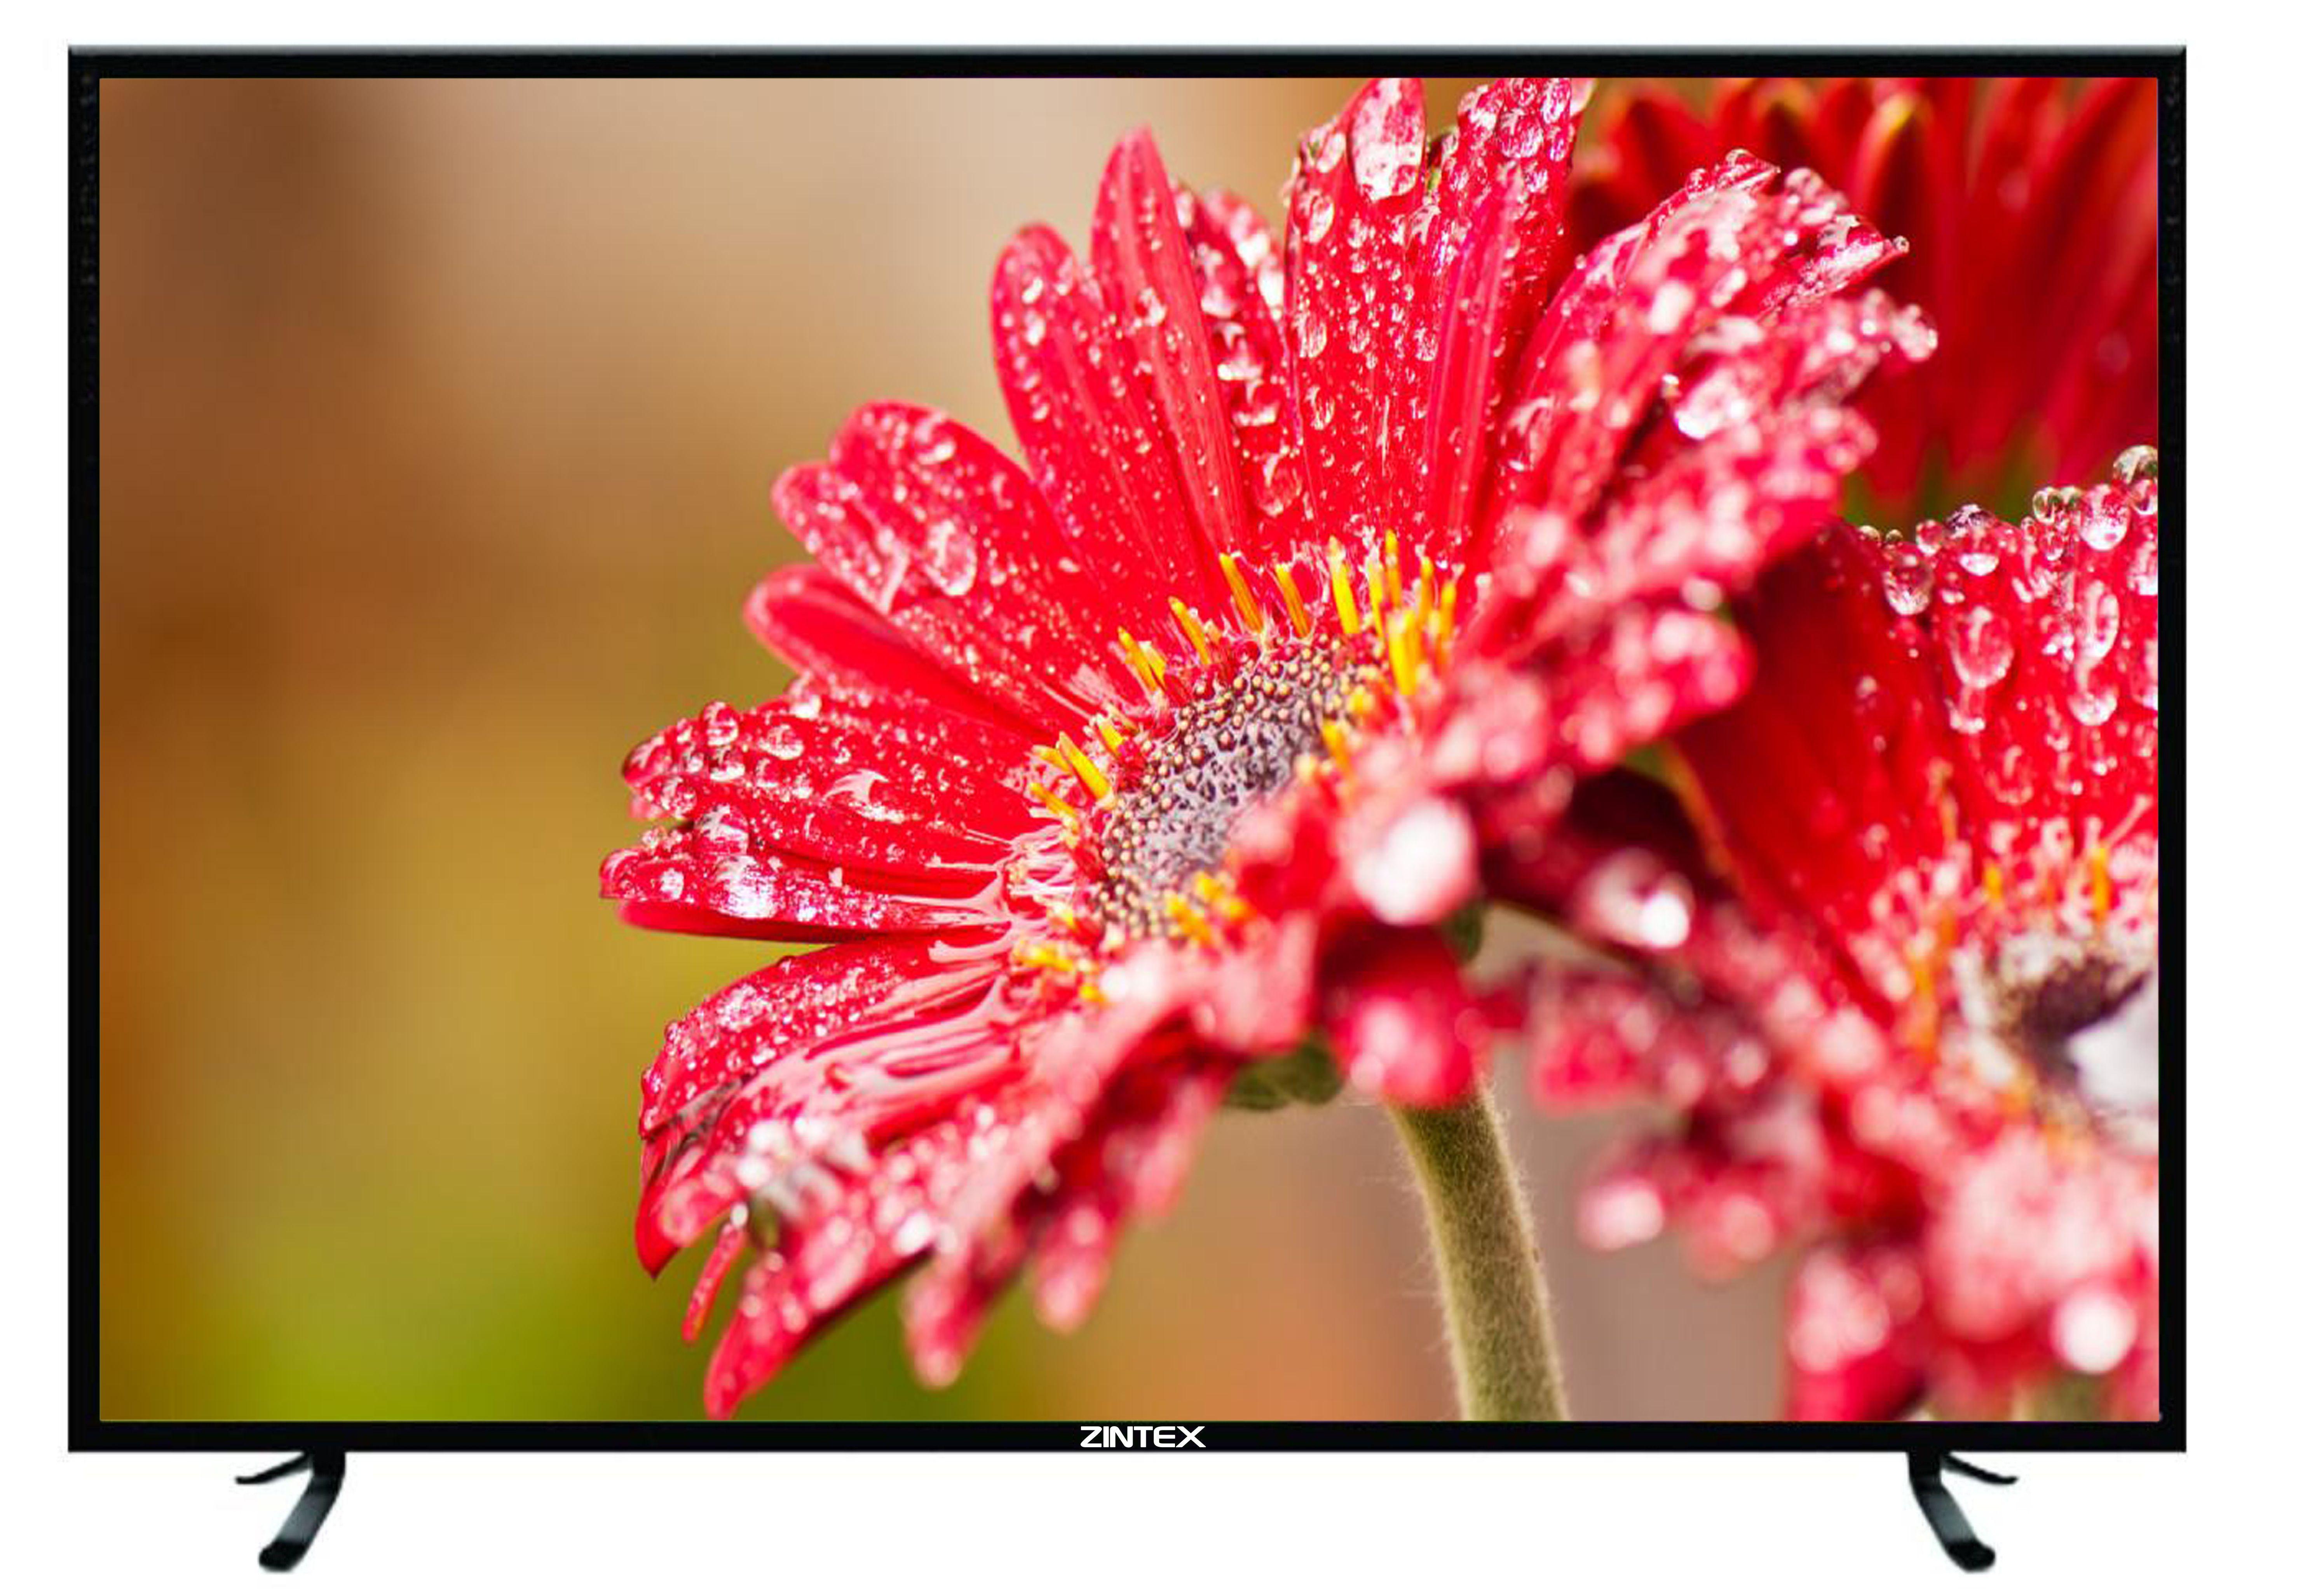 Zintex ZN40N 102 cm 40 Full HD FHD LED Television With 1